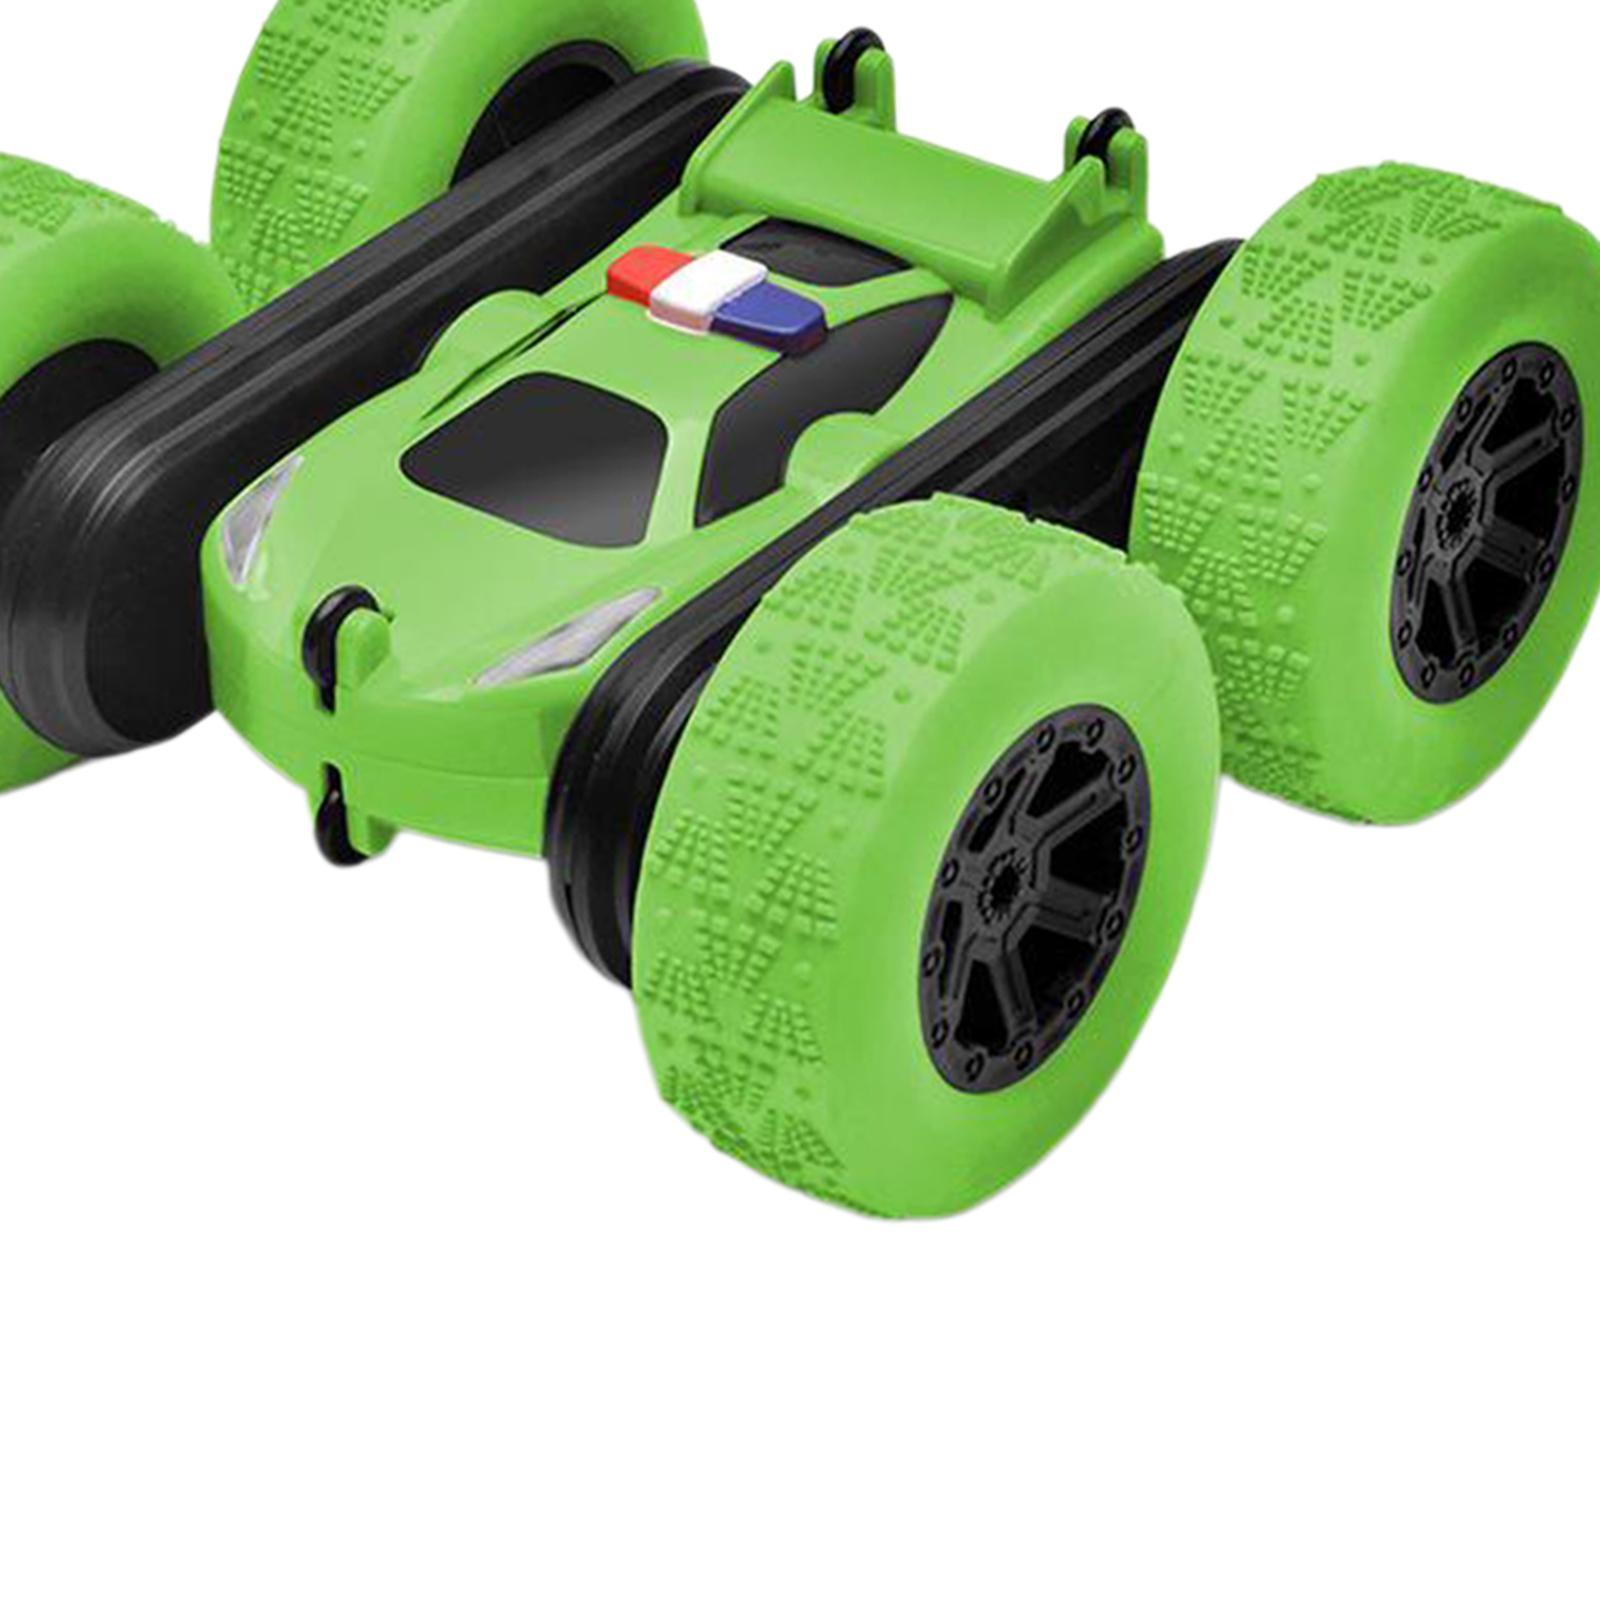 miniatura 58 - Telecomando Auto Stunt Car Giocattolo Per Bambini 2.4GHz di Controllo Remoto